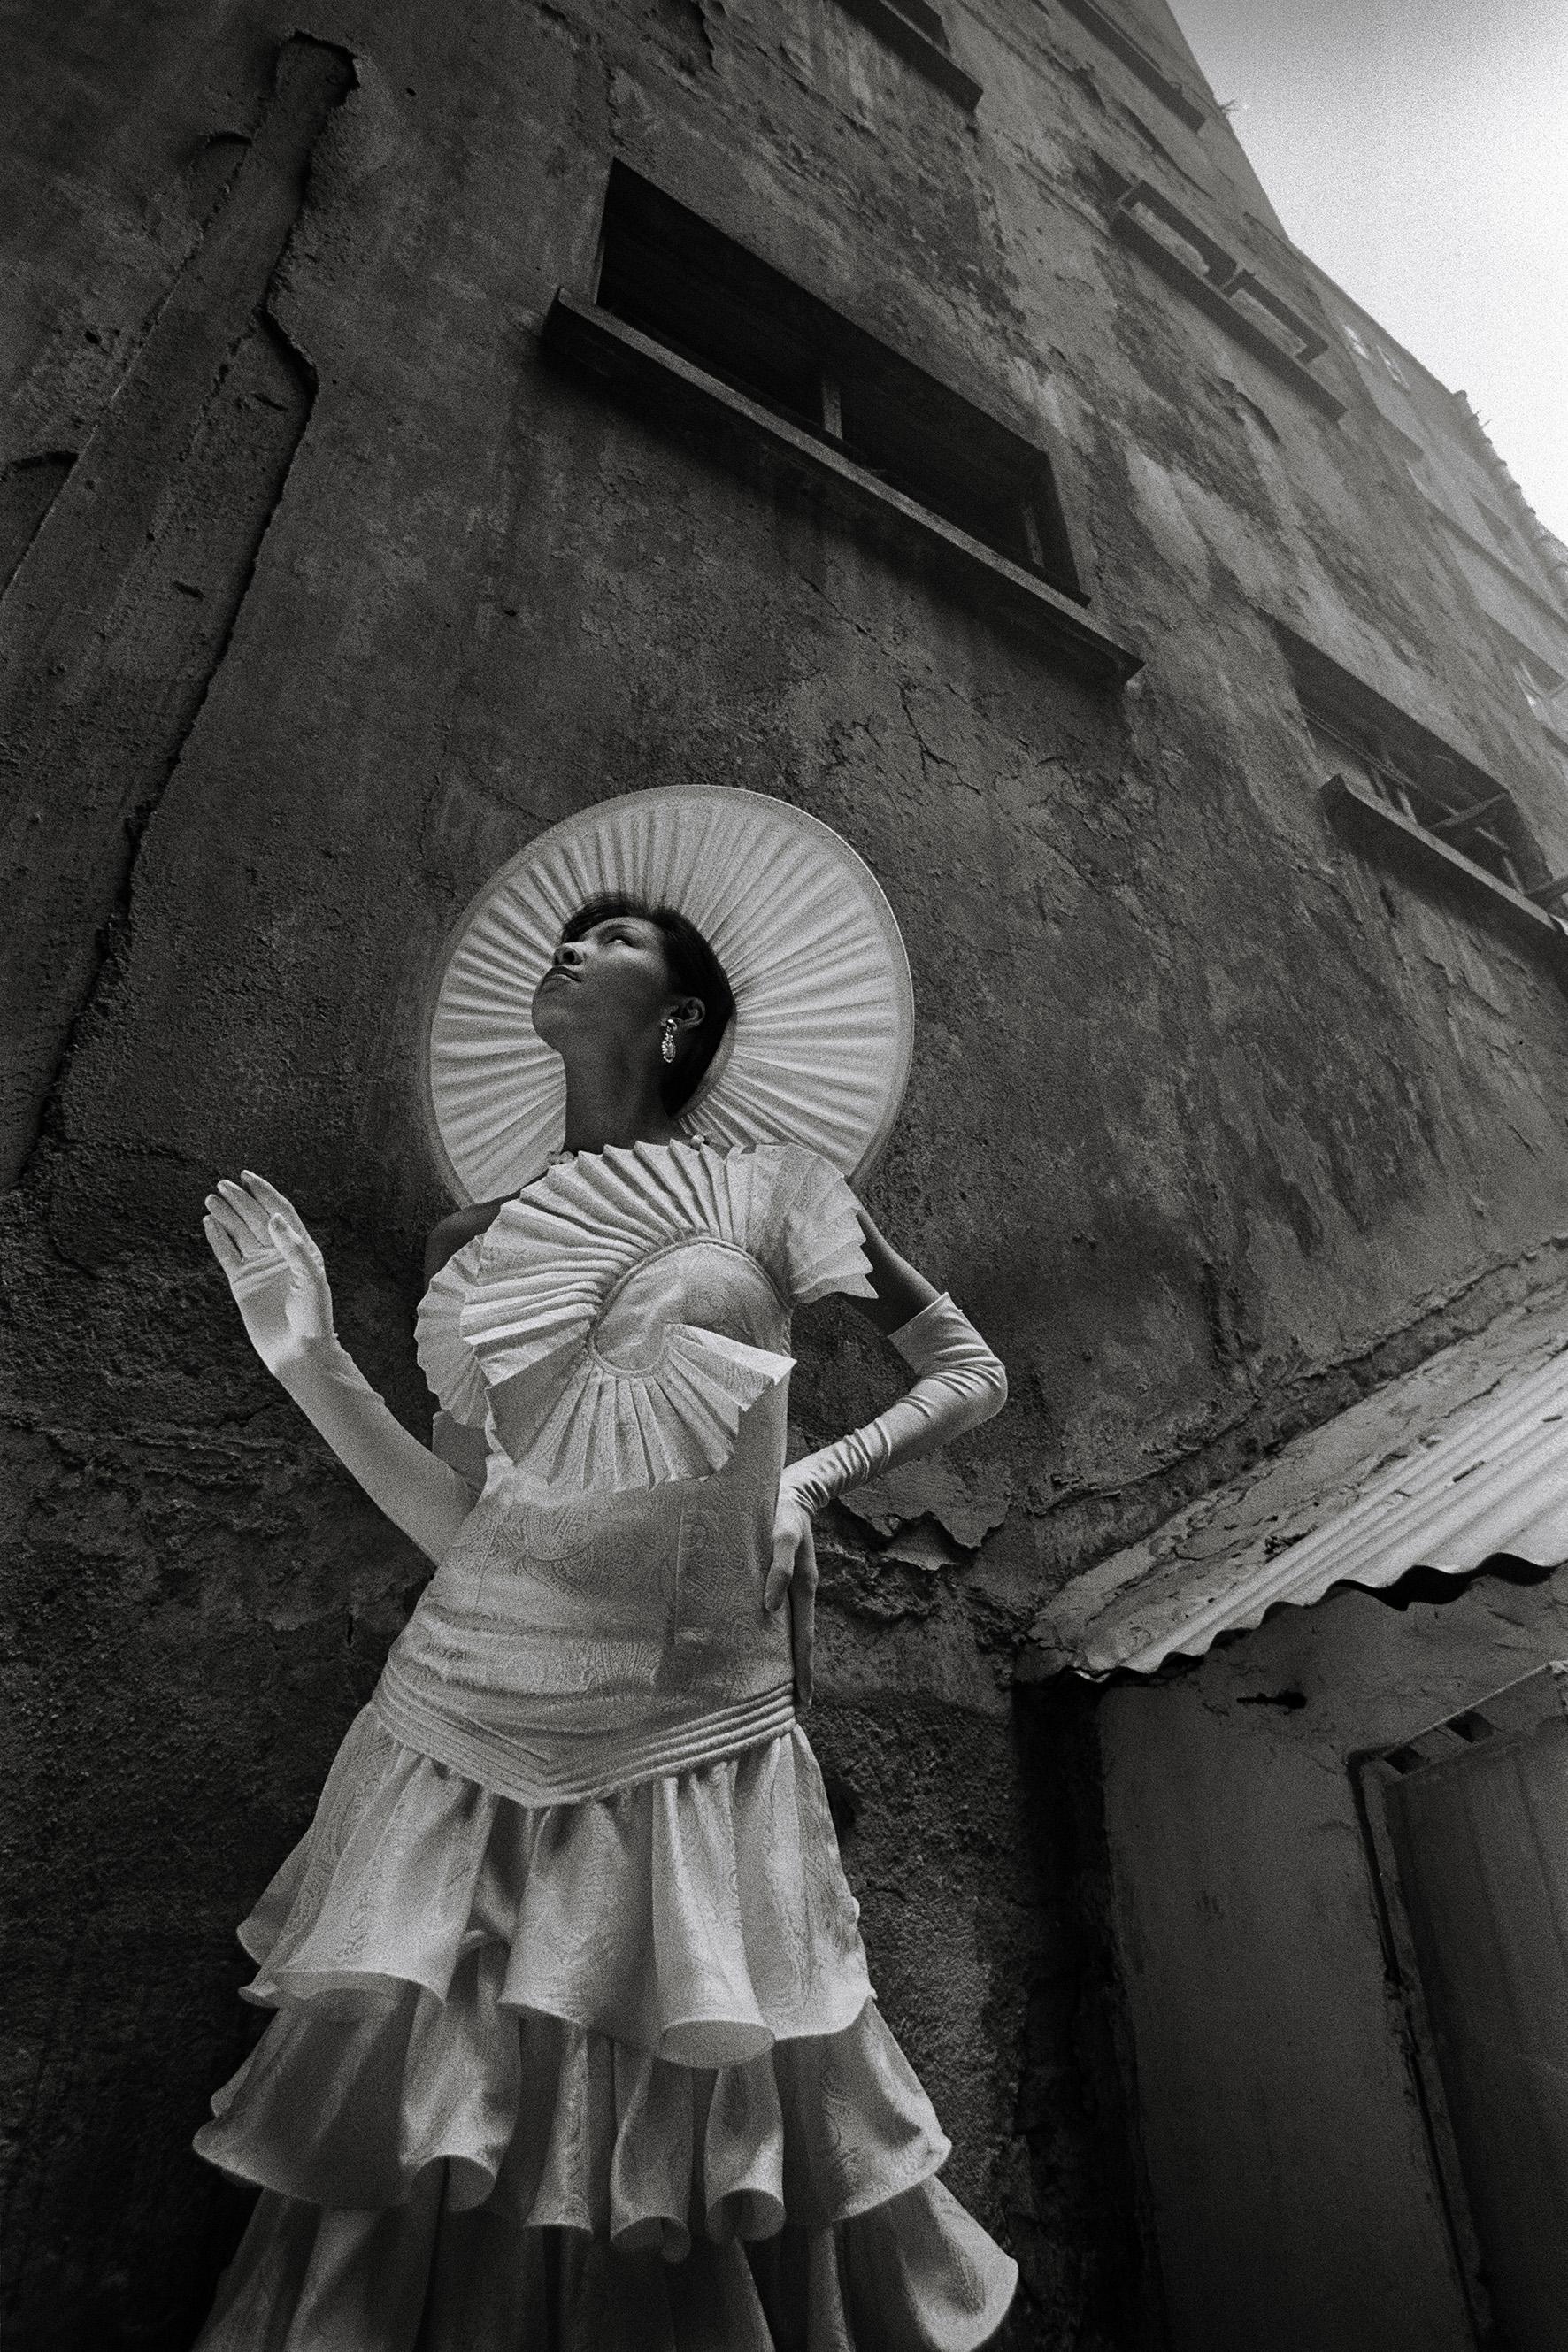 zhang-haier-zeng-yan-modeling-fashion-1987-photography-of-china.jpg